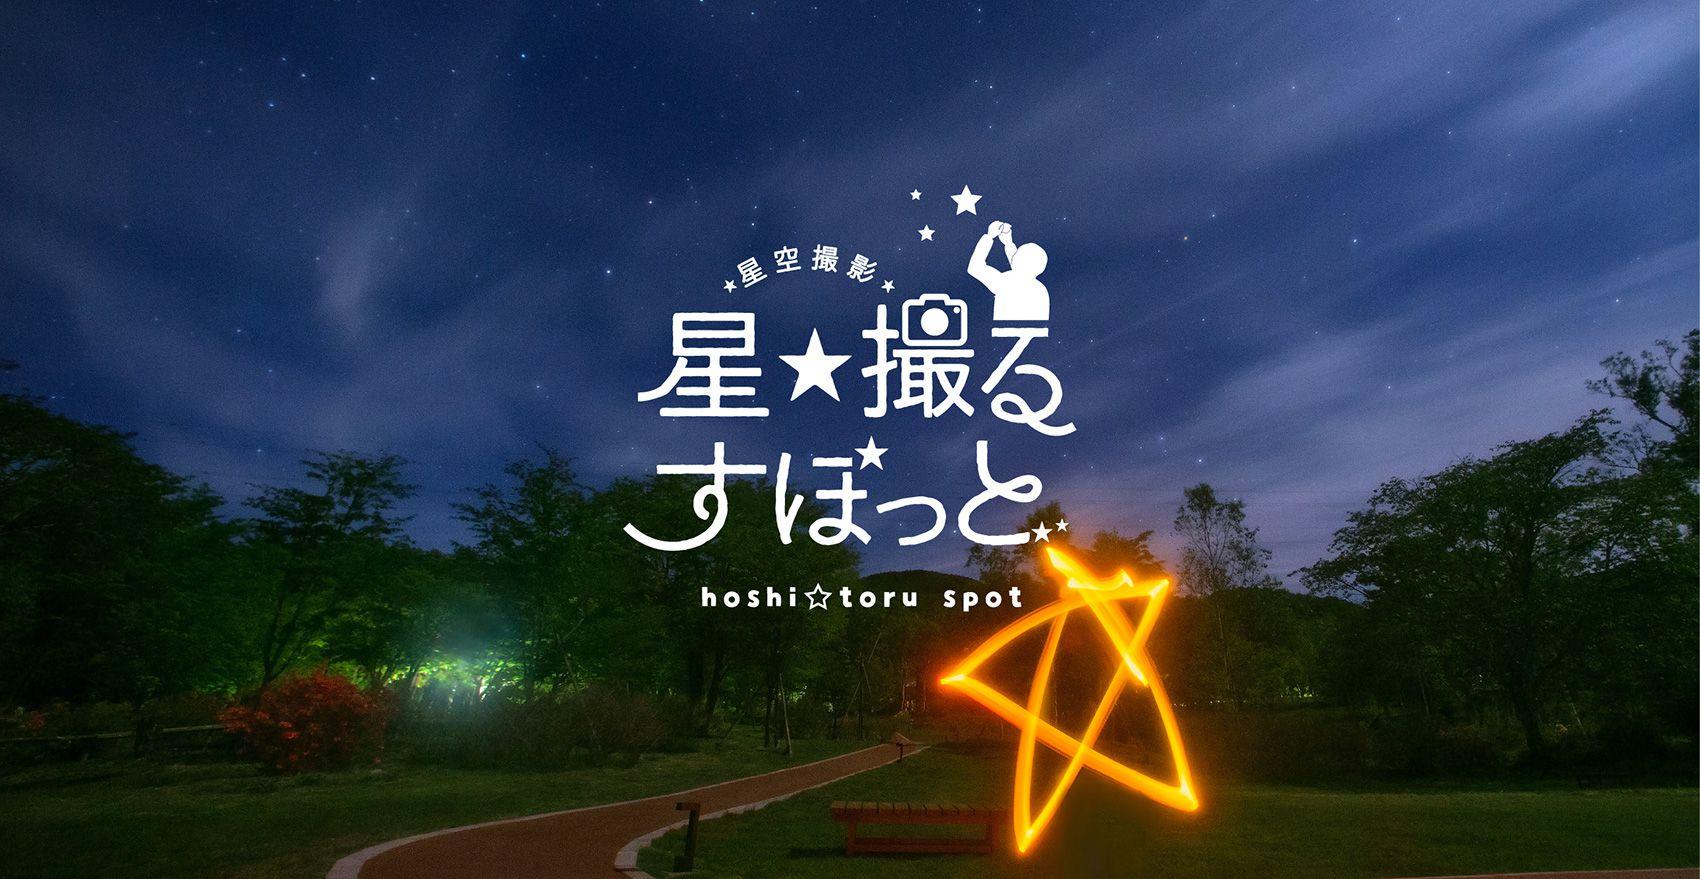 星☆撮るすぽっと